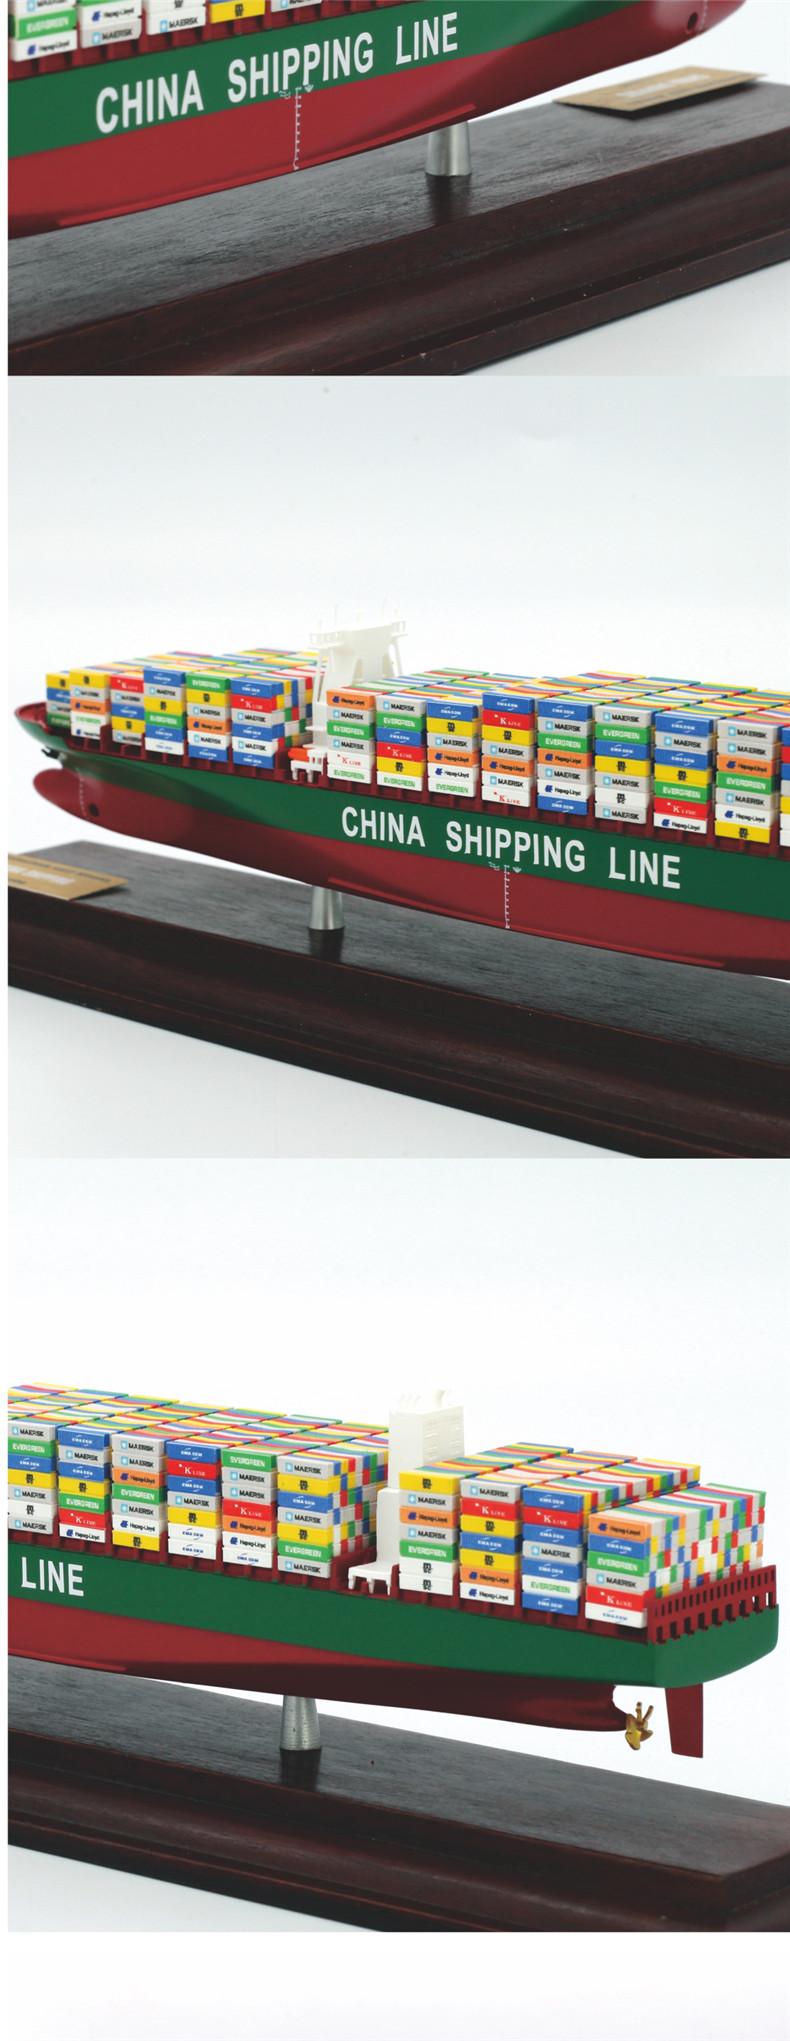 海藝坊批量定制各種集裝箱貨柜船模型禮品船模:會議室擺件集裝箱船模型LOGO定制,會議室擺件集裝箱船模型定制定做,會議室擺件集裝箱船模型訂制訂做